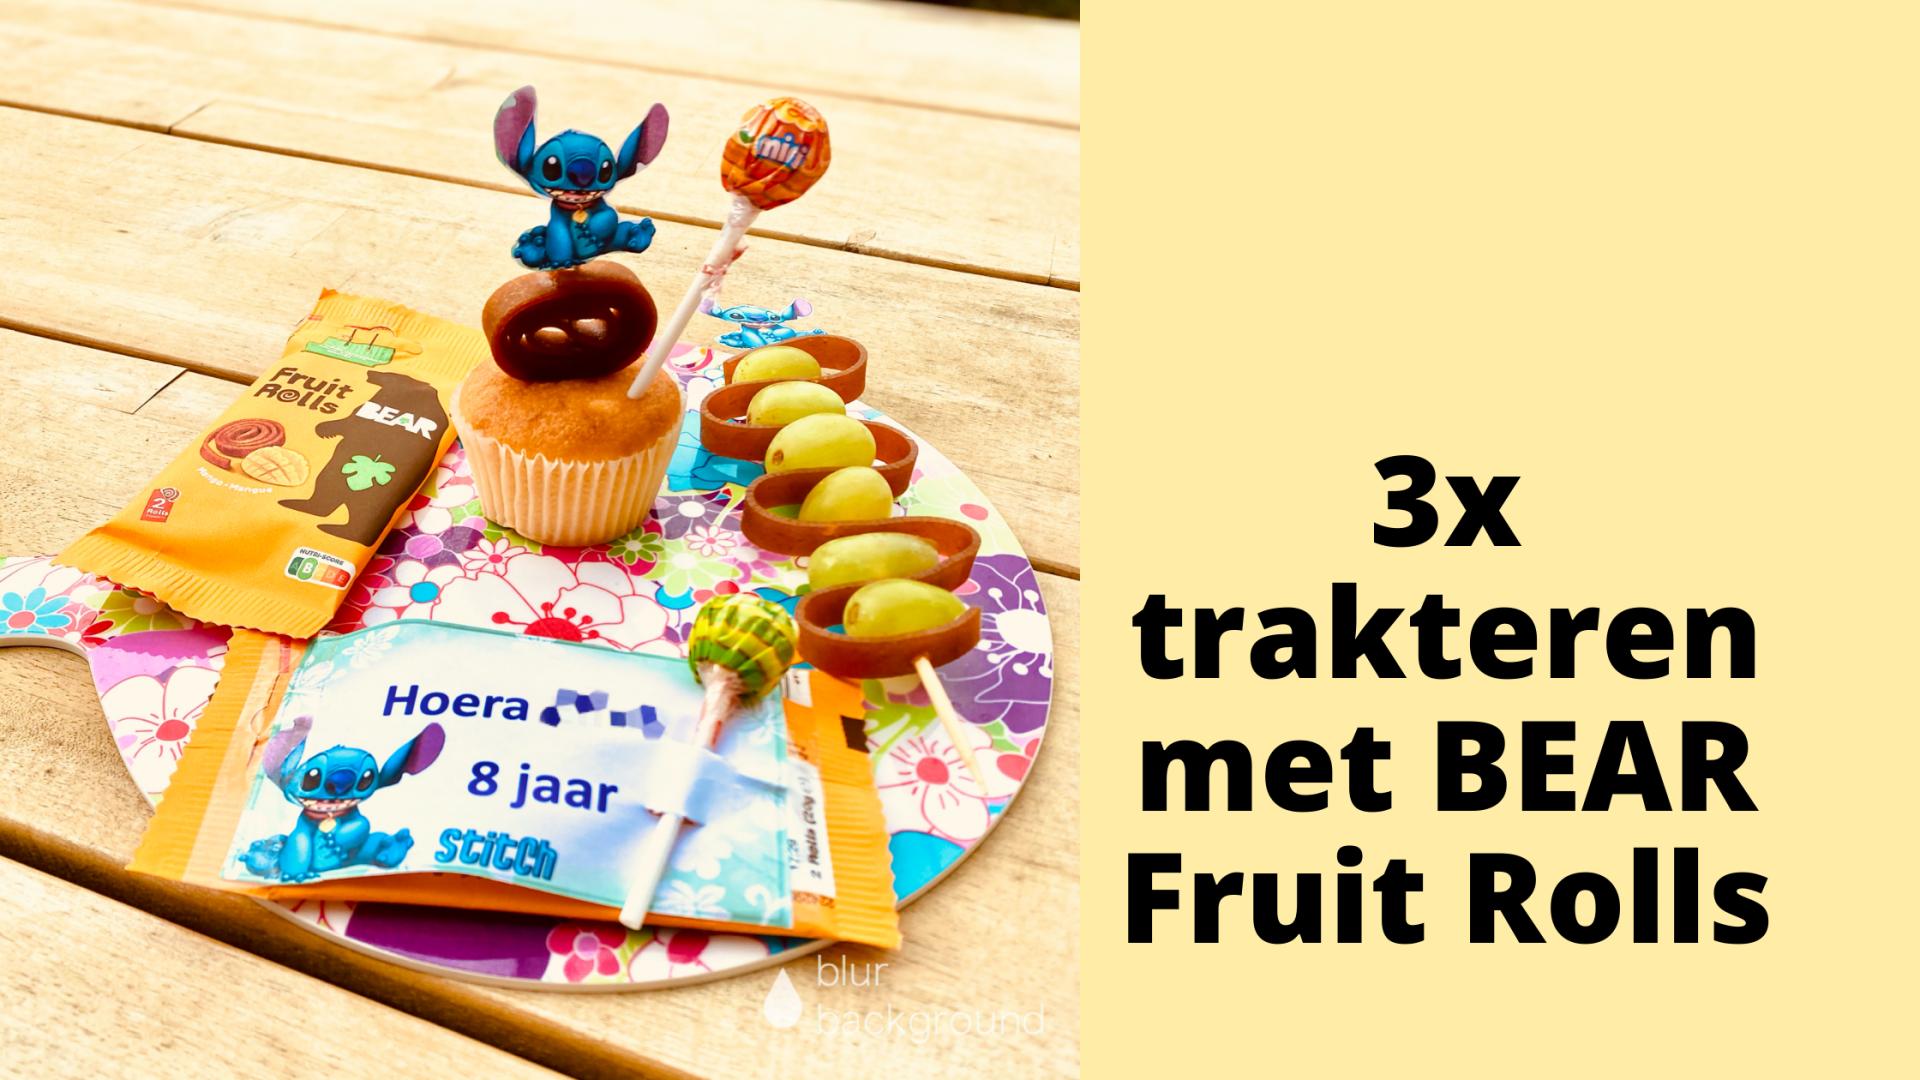 3x trakteren met BEAR Fruit Rolls